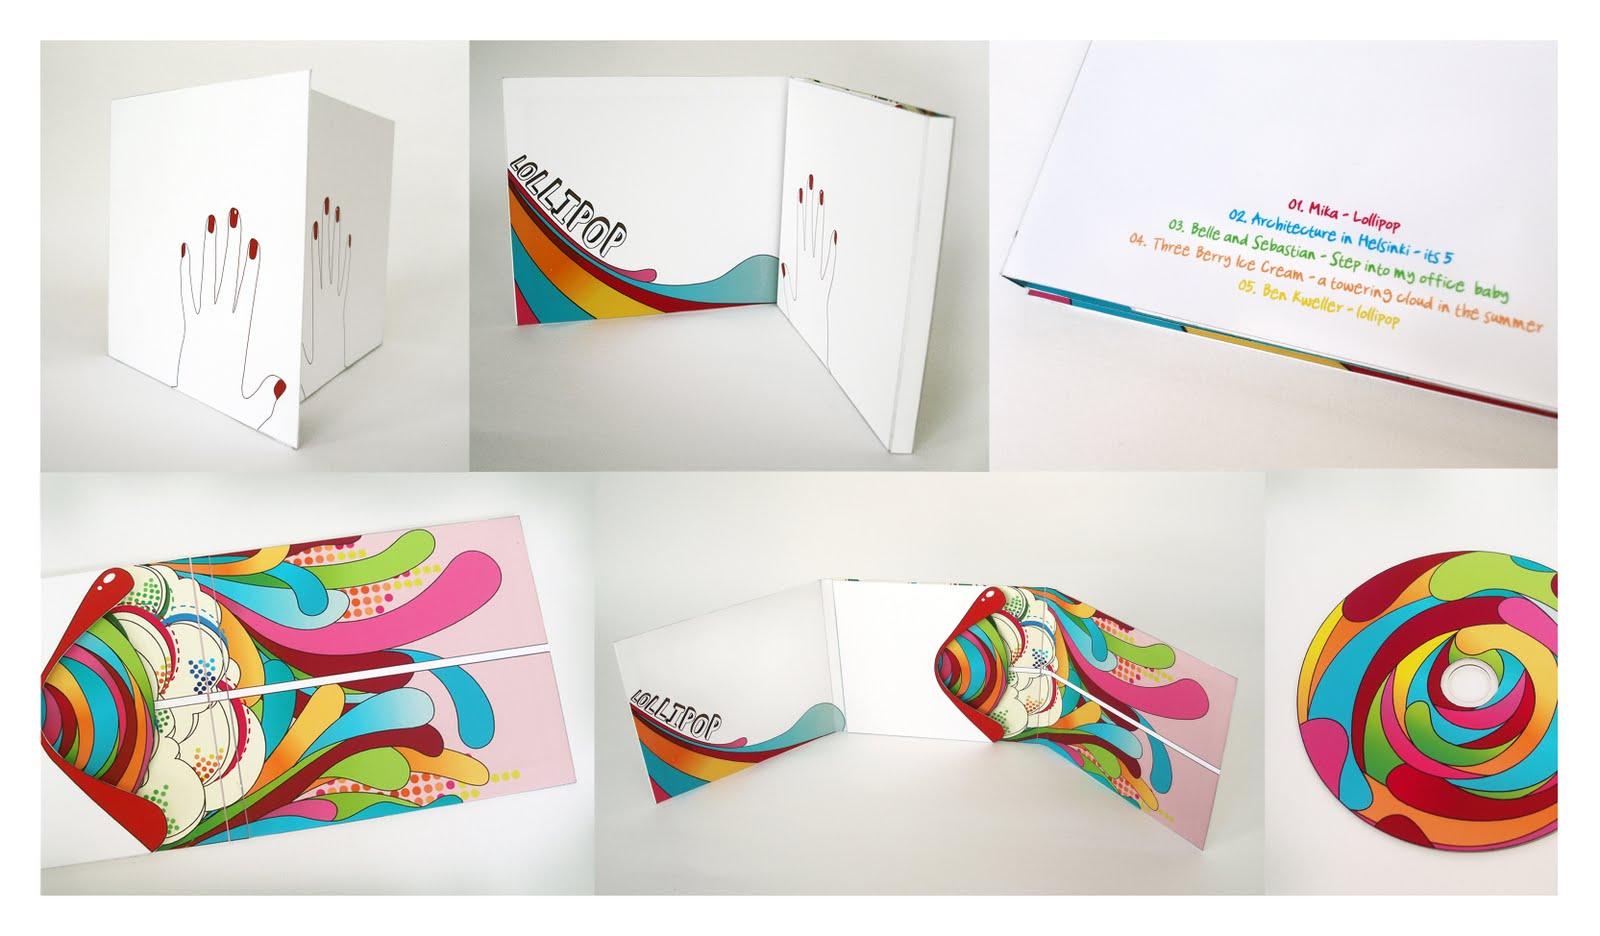 Estudio Logos   Recursos para Diseño Gráfico: Packaging, los mejores ...